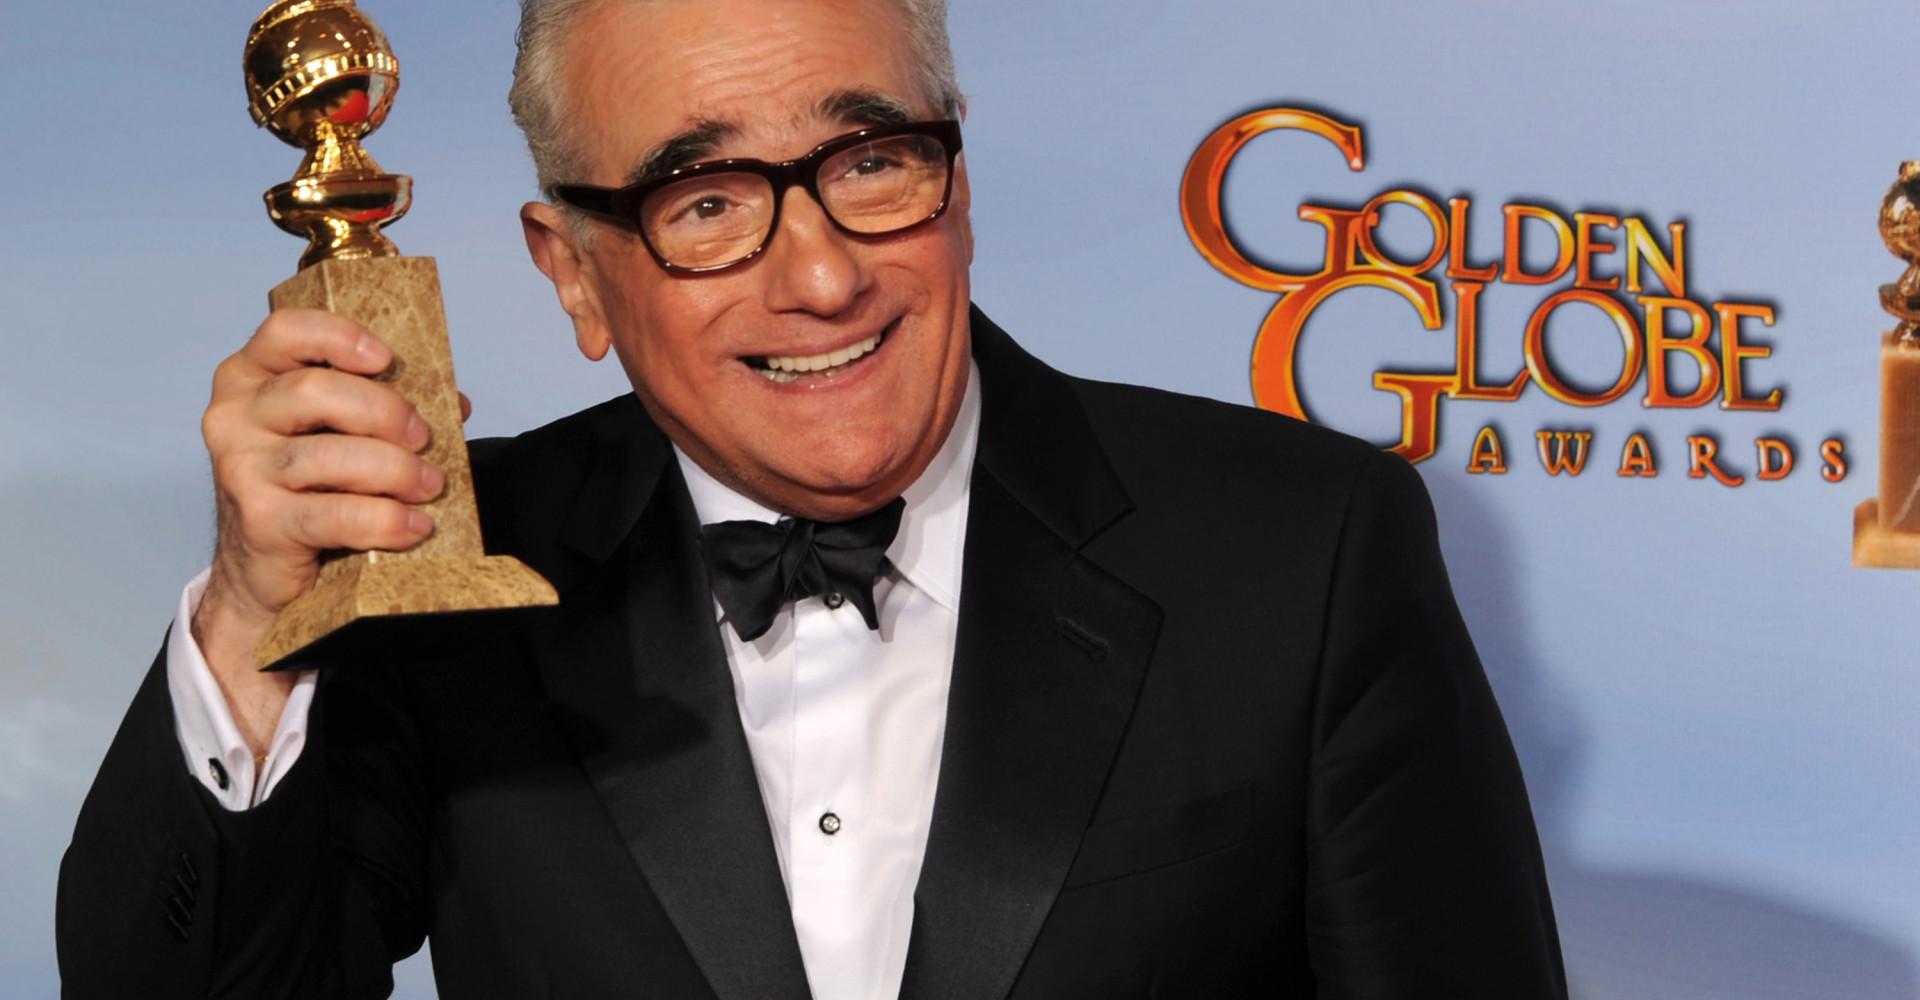 Martin Scorsese: intressanta fakta om den berömde regissören